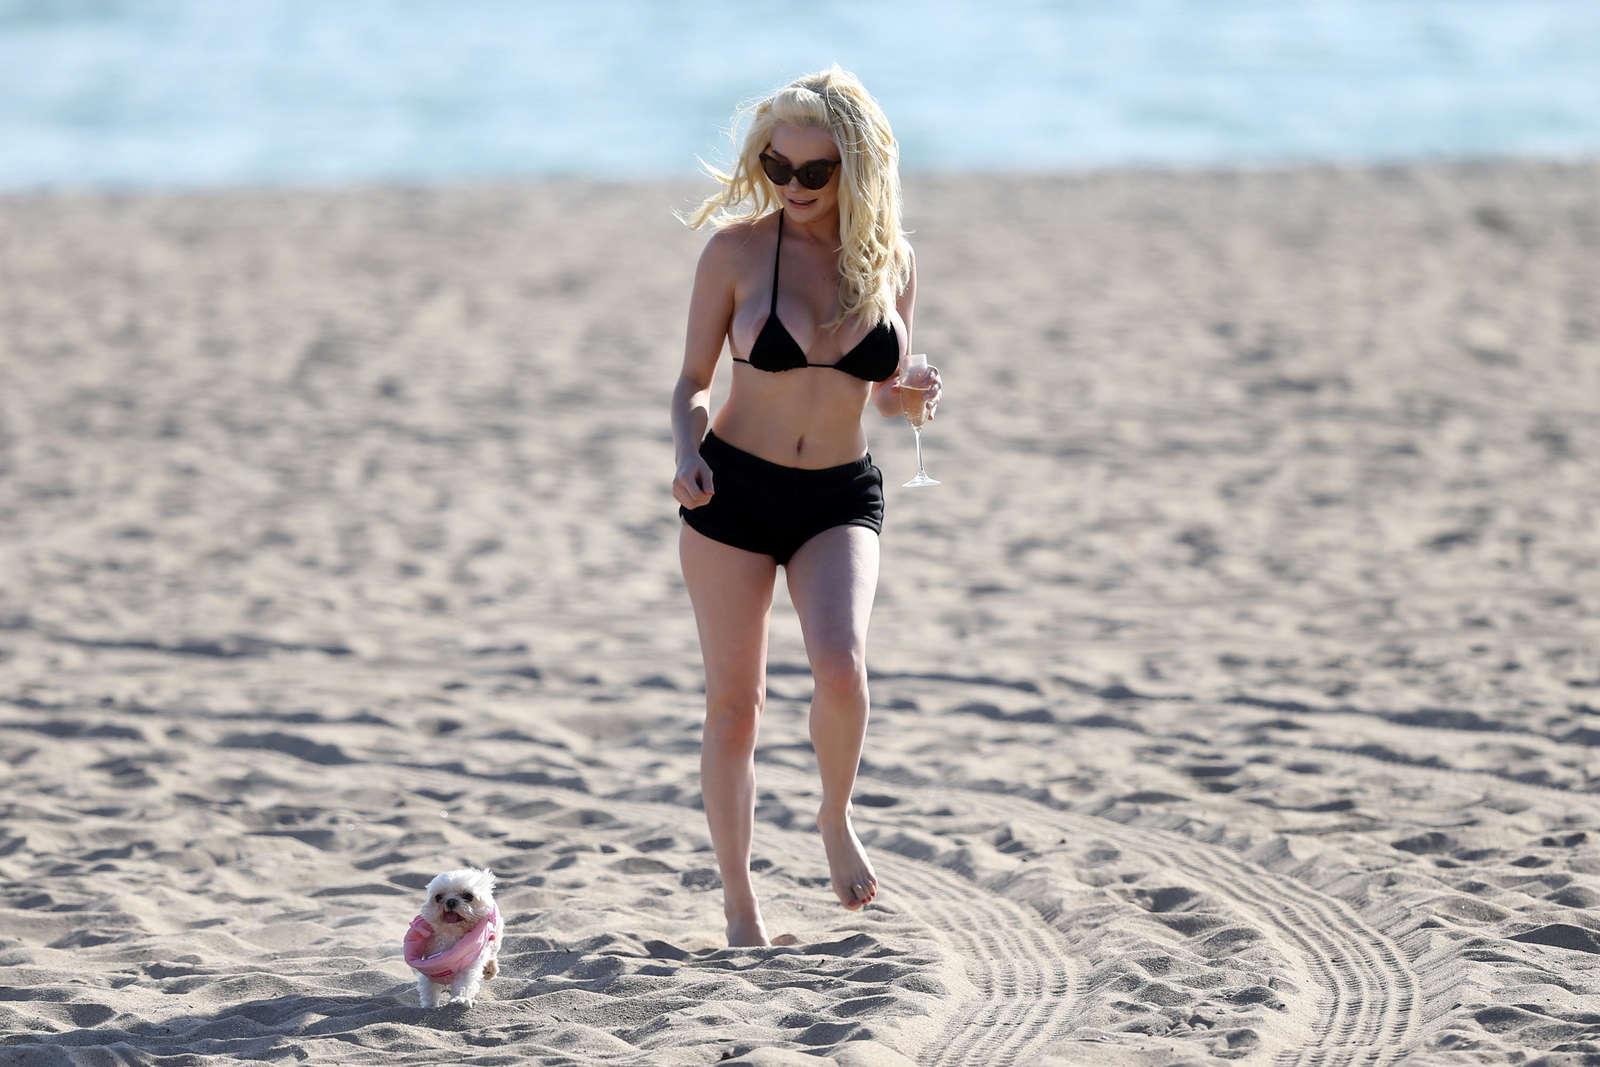 Courtney Stodden 2016 : Courtney Stodden in Black Bikini 2016 -06